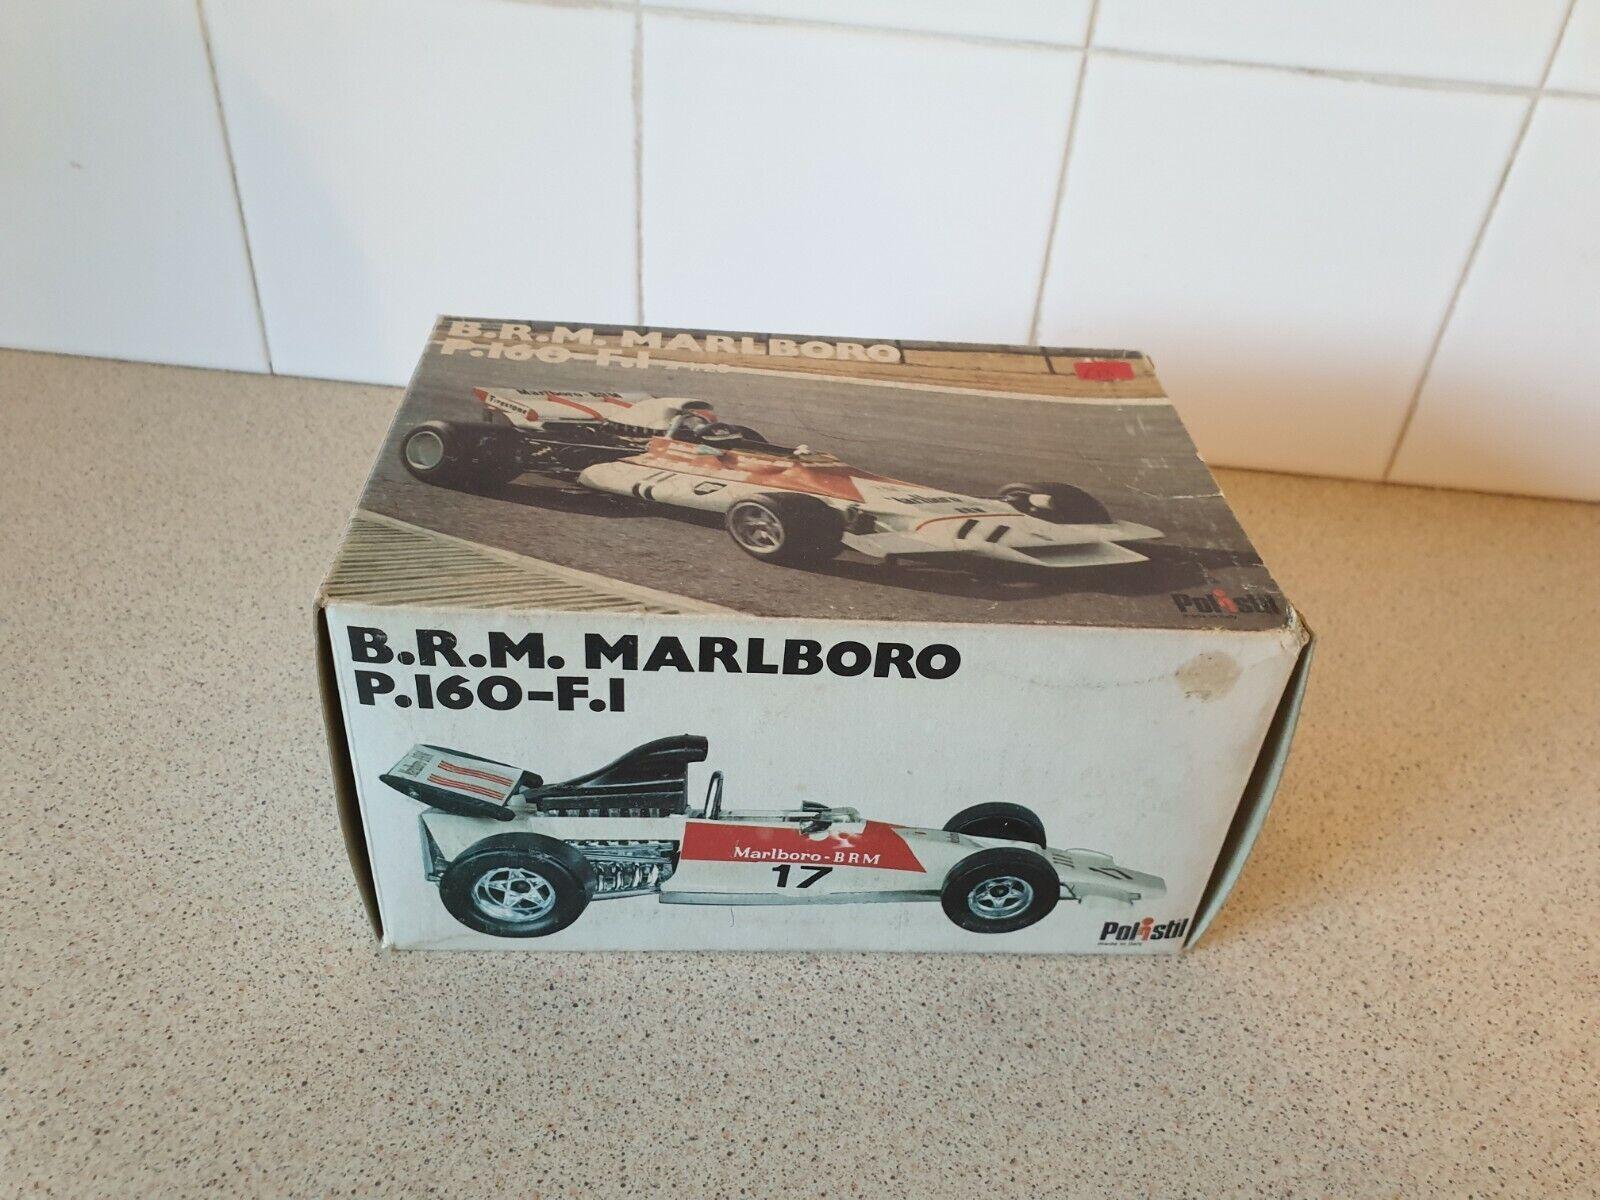 POLISTIL ITALY-B.R.M  MARLBor P160-Voiture F1-échelle 1 25 Modèle Jouet-FX4  grosses soldes